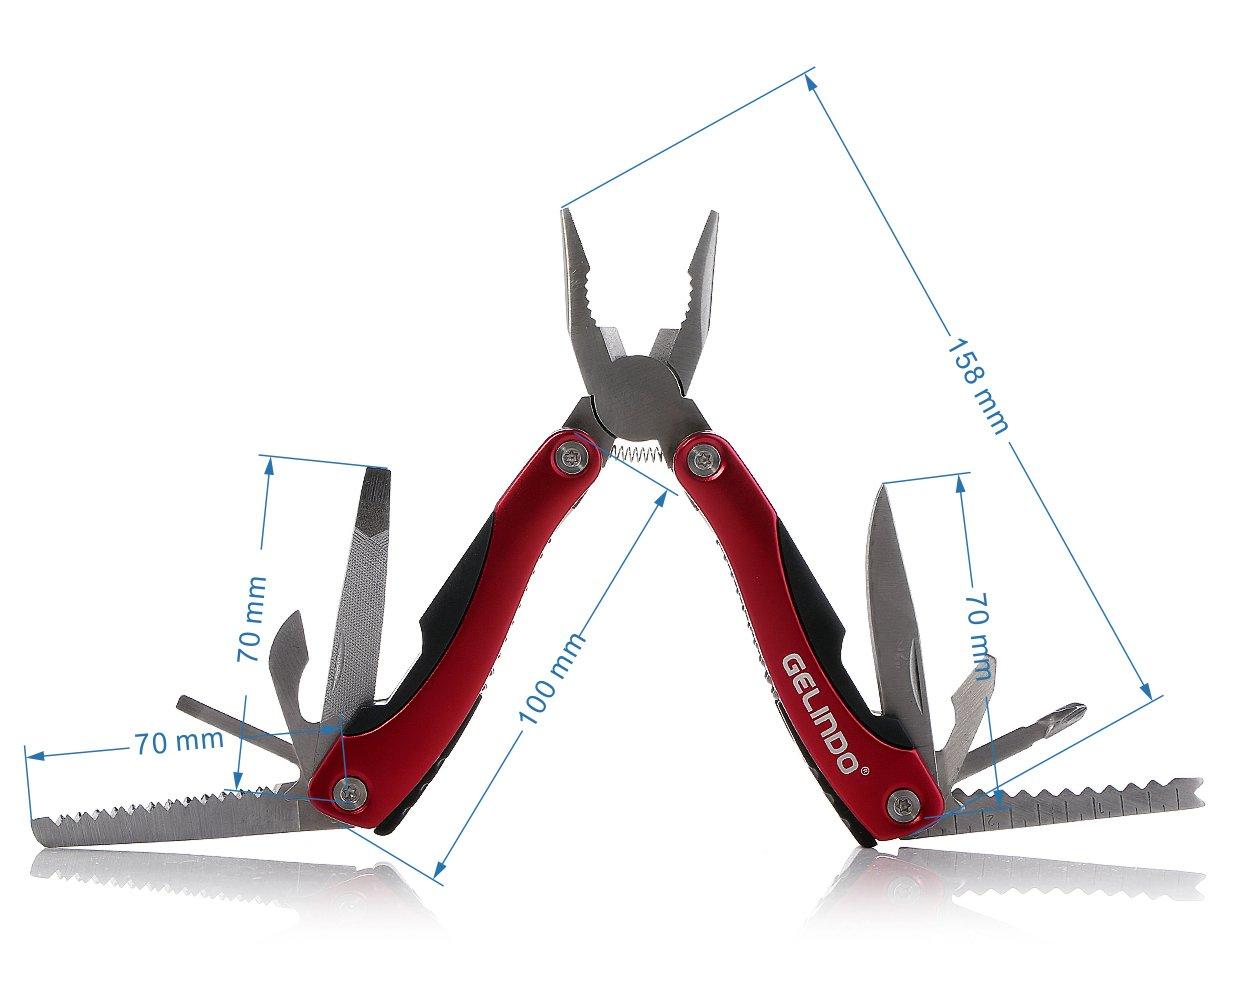 Gelindo Herramienta Premium Multiuso con funda, cuchillo, alicates, sierra y mucho más (Azul)